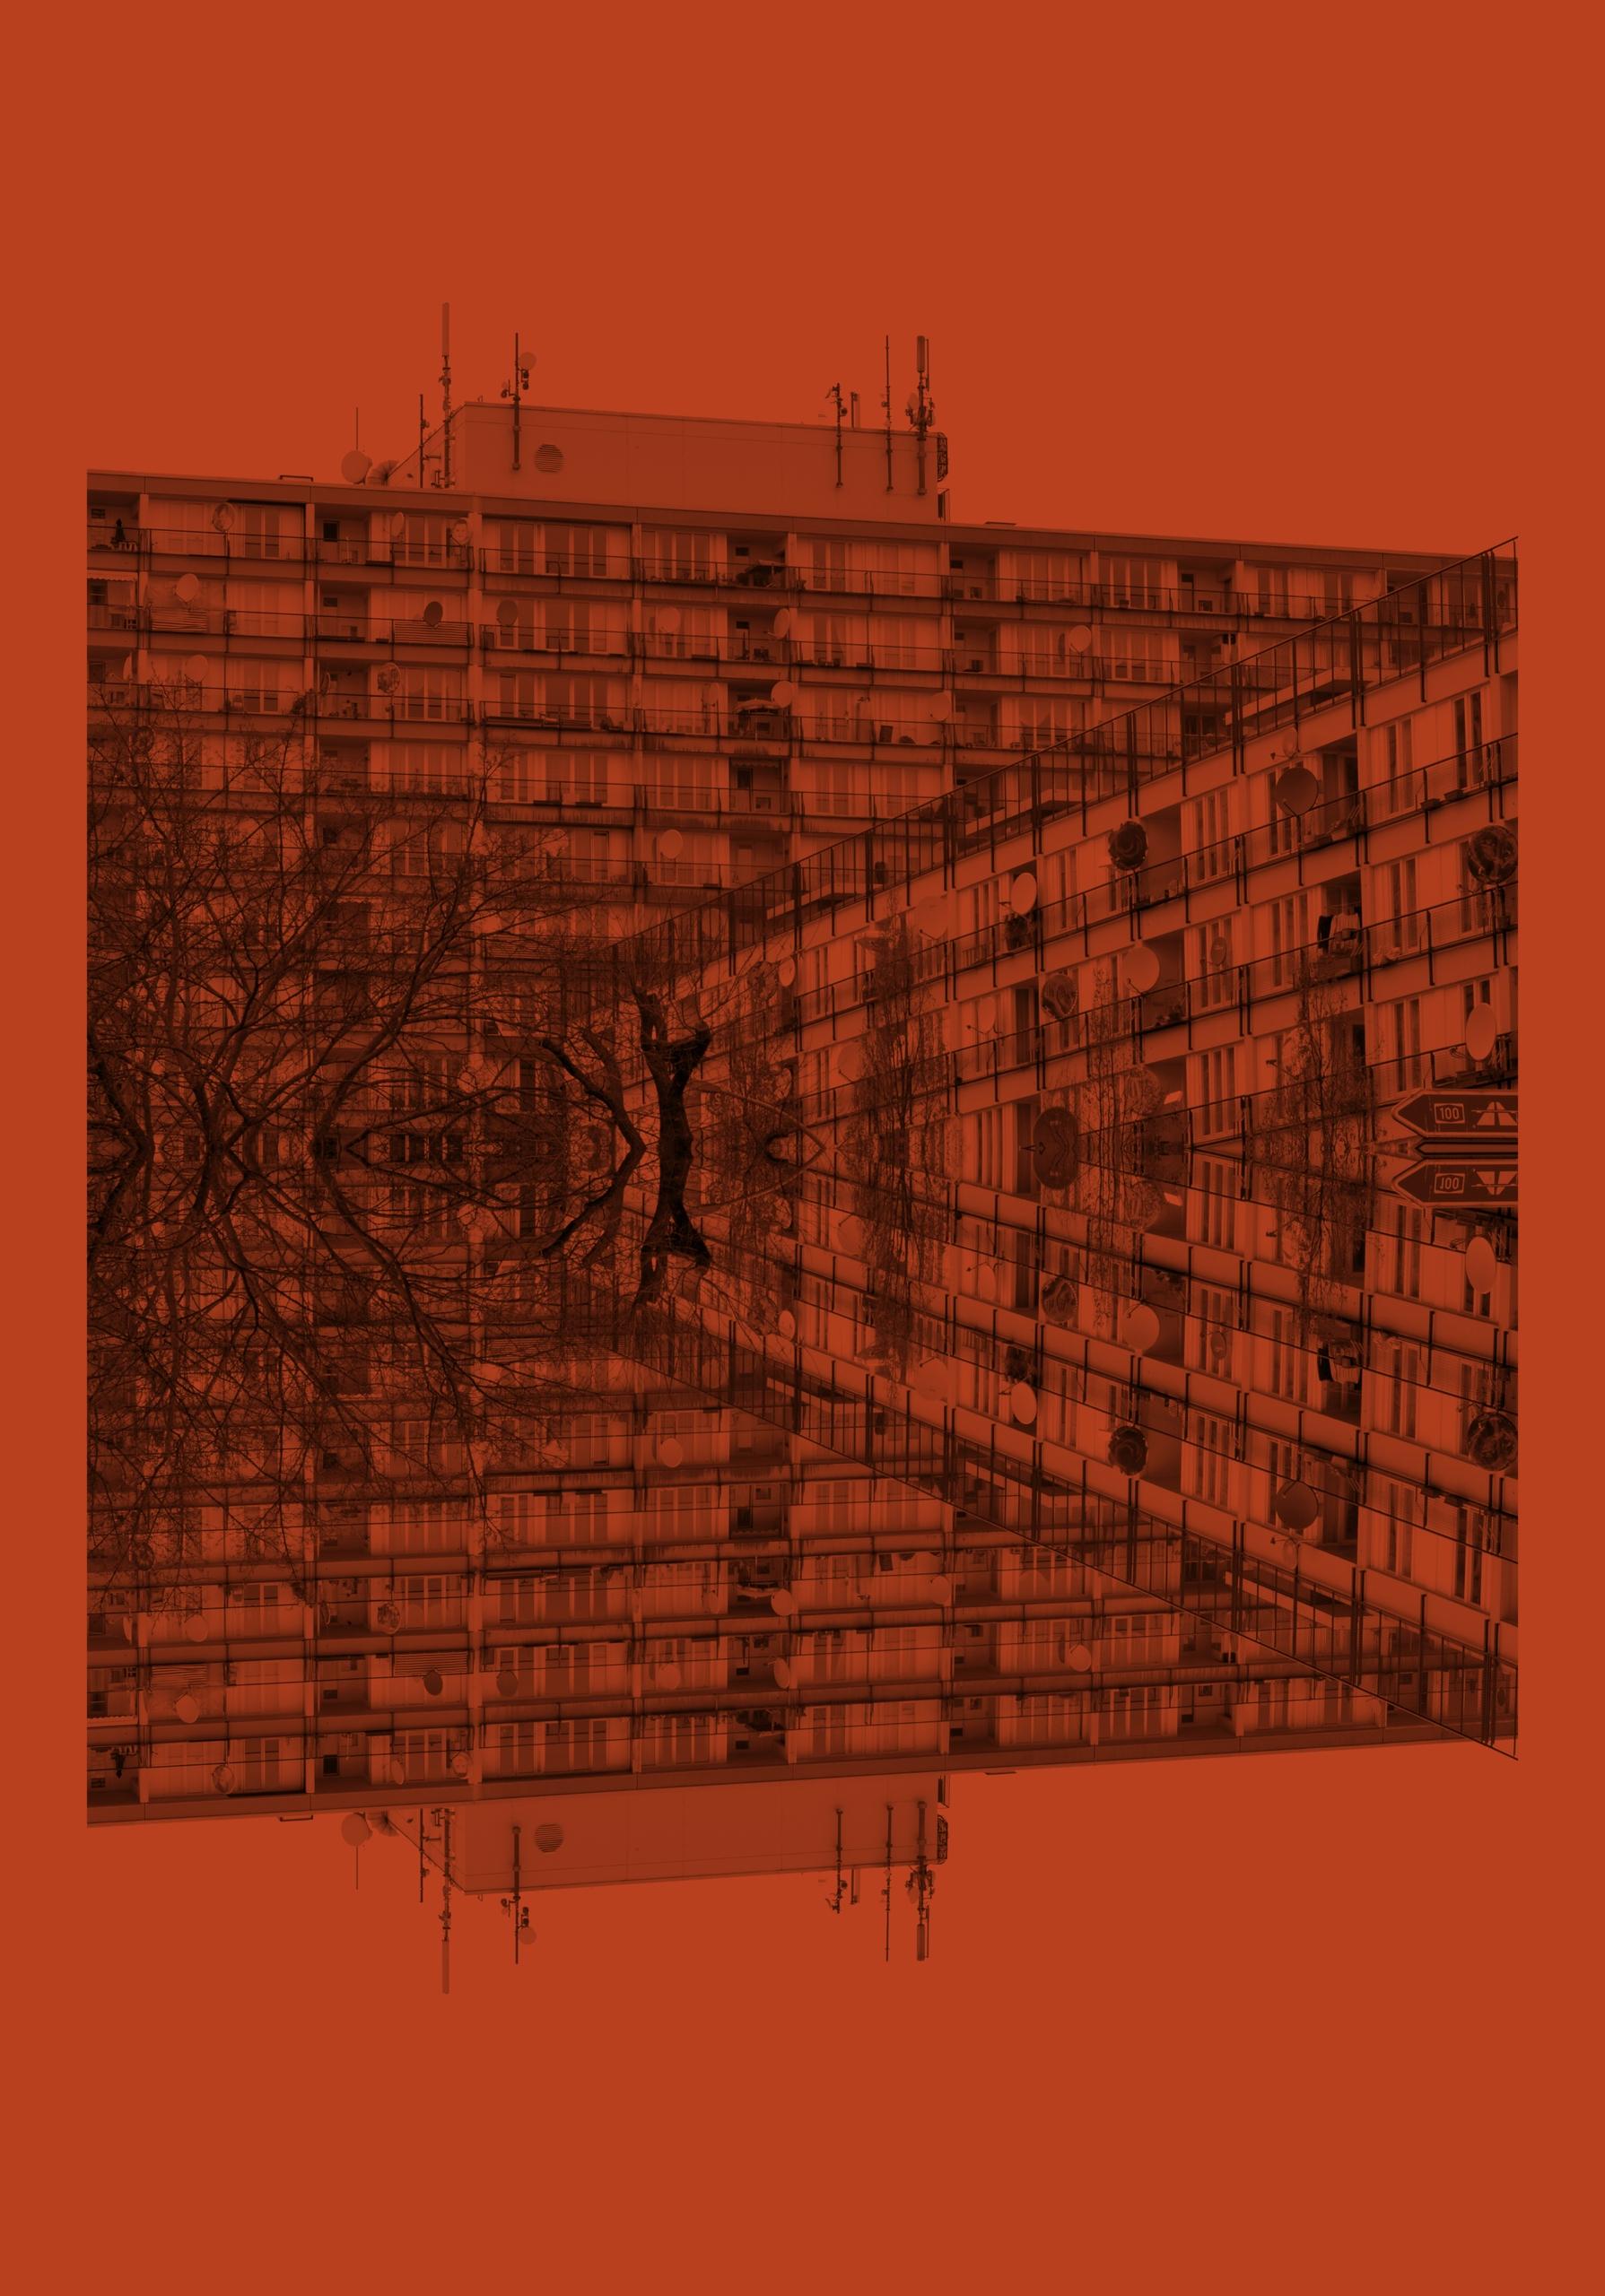 Apartment Blocks, Berlin. 2017 - yiannisermidiscreative | ello